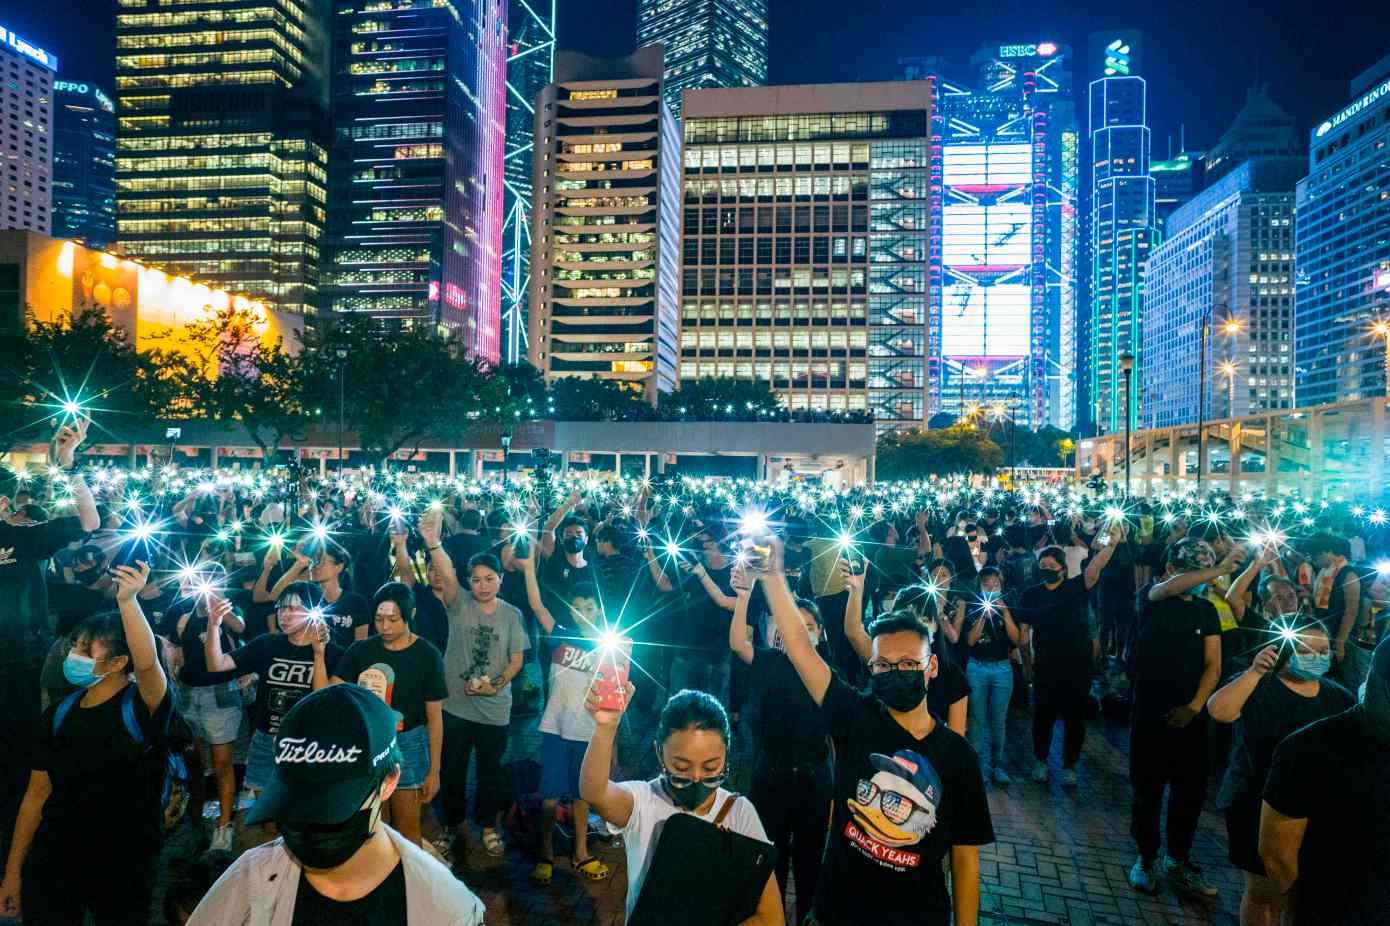 Google защищает протестующих в Гонконге от пропаганды на YouTube. А Reddit цензурирует материалы в пользу Китая